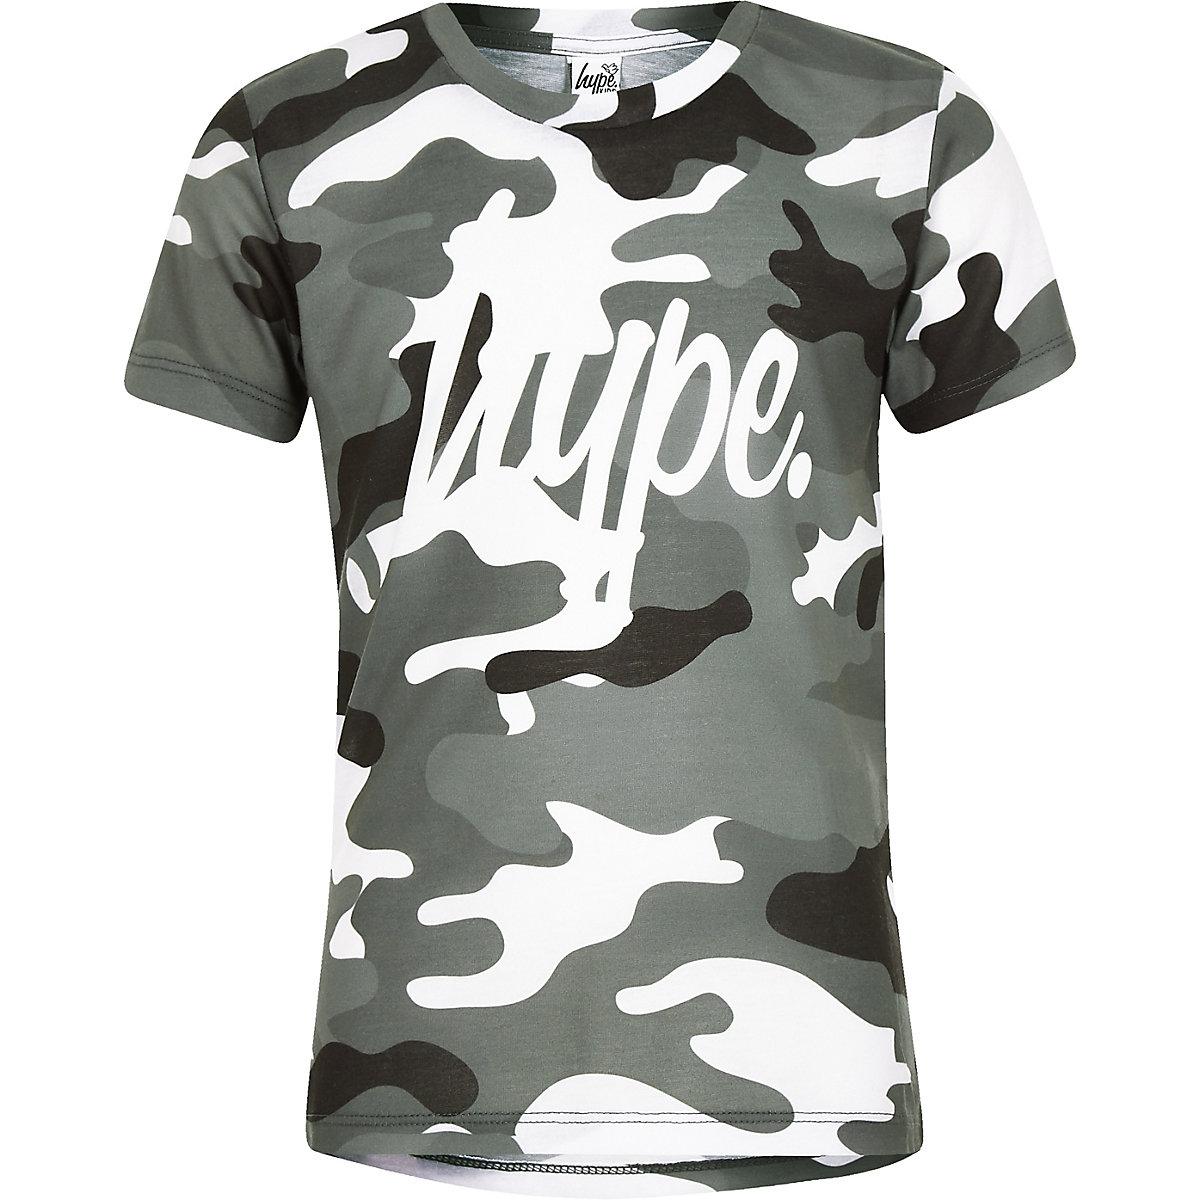 Boys Hype grey camo T-shirt